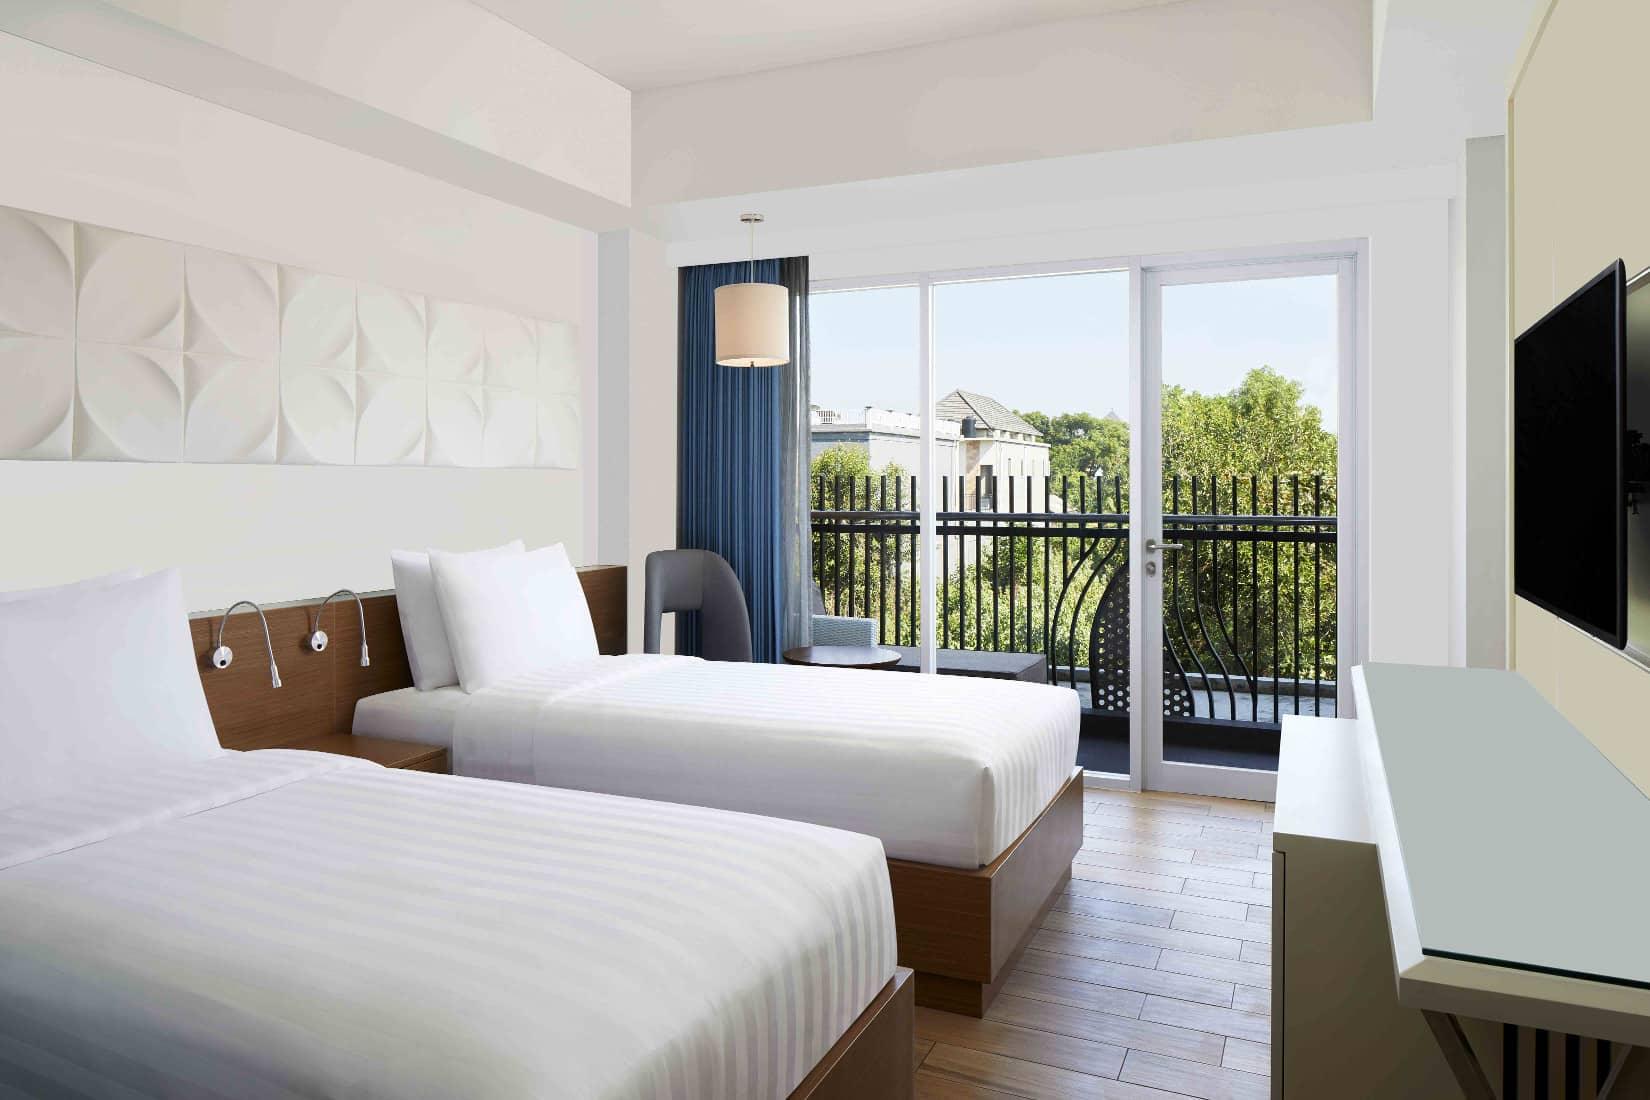 Fairfield By Marriott, Hotel Baru Di Pantai Kuta